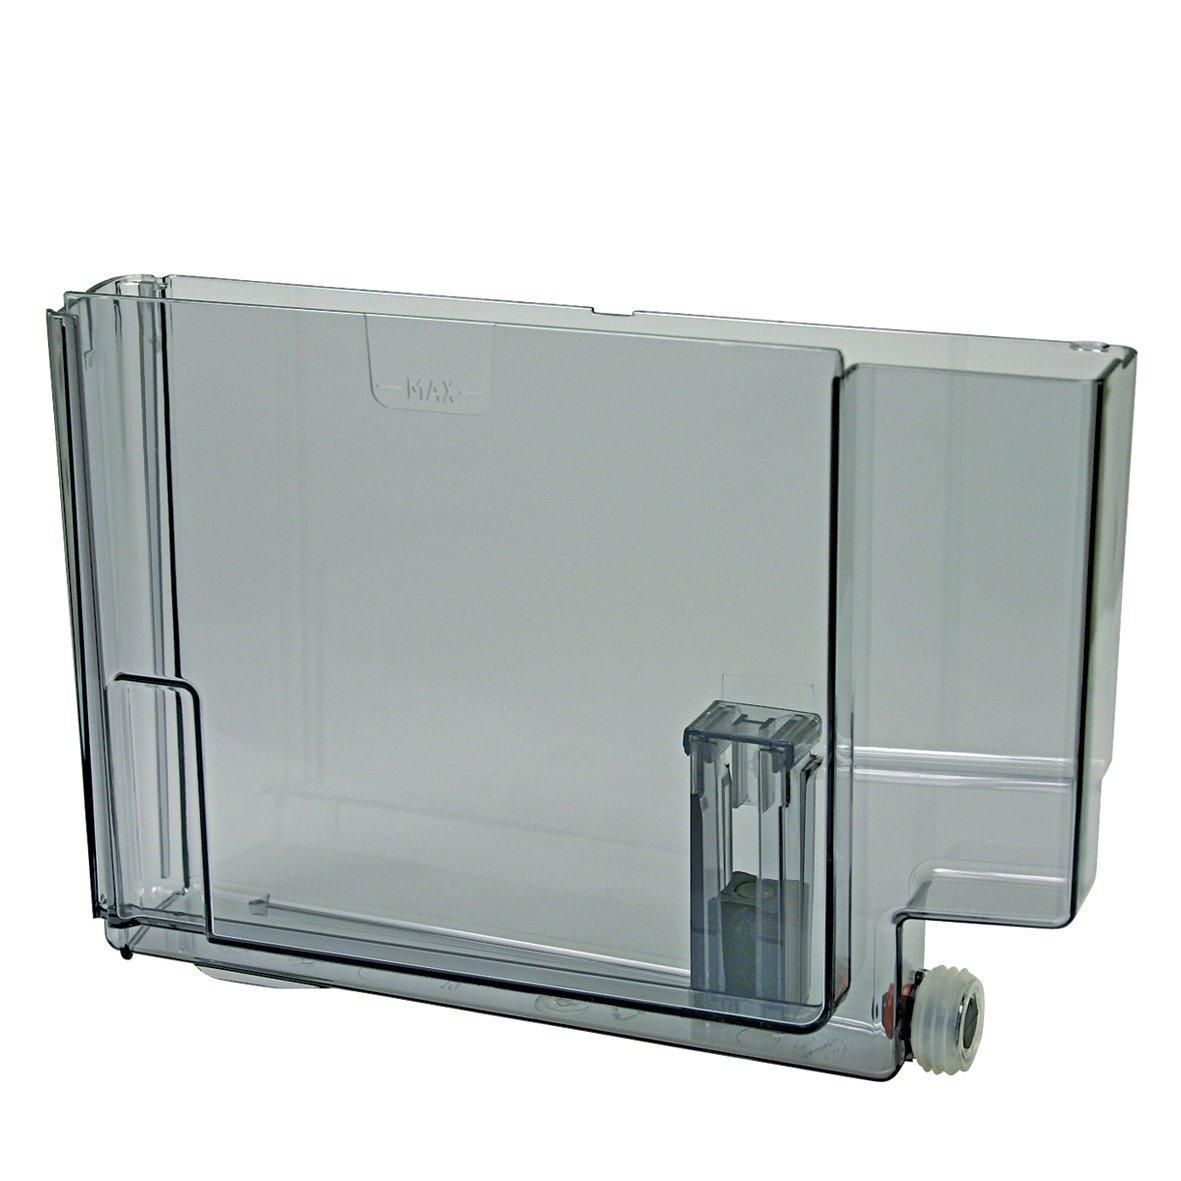 DeLonghi EAM, ESAM 2000-4000 - Depósito de agua DéLonghi